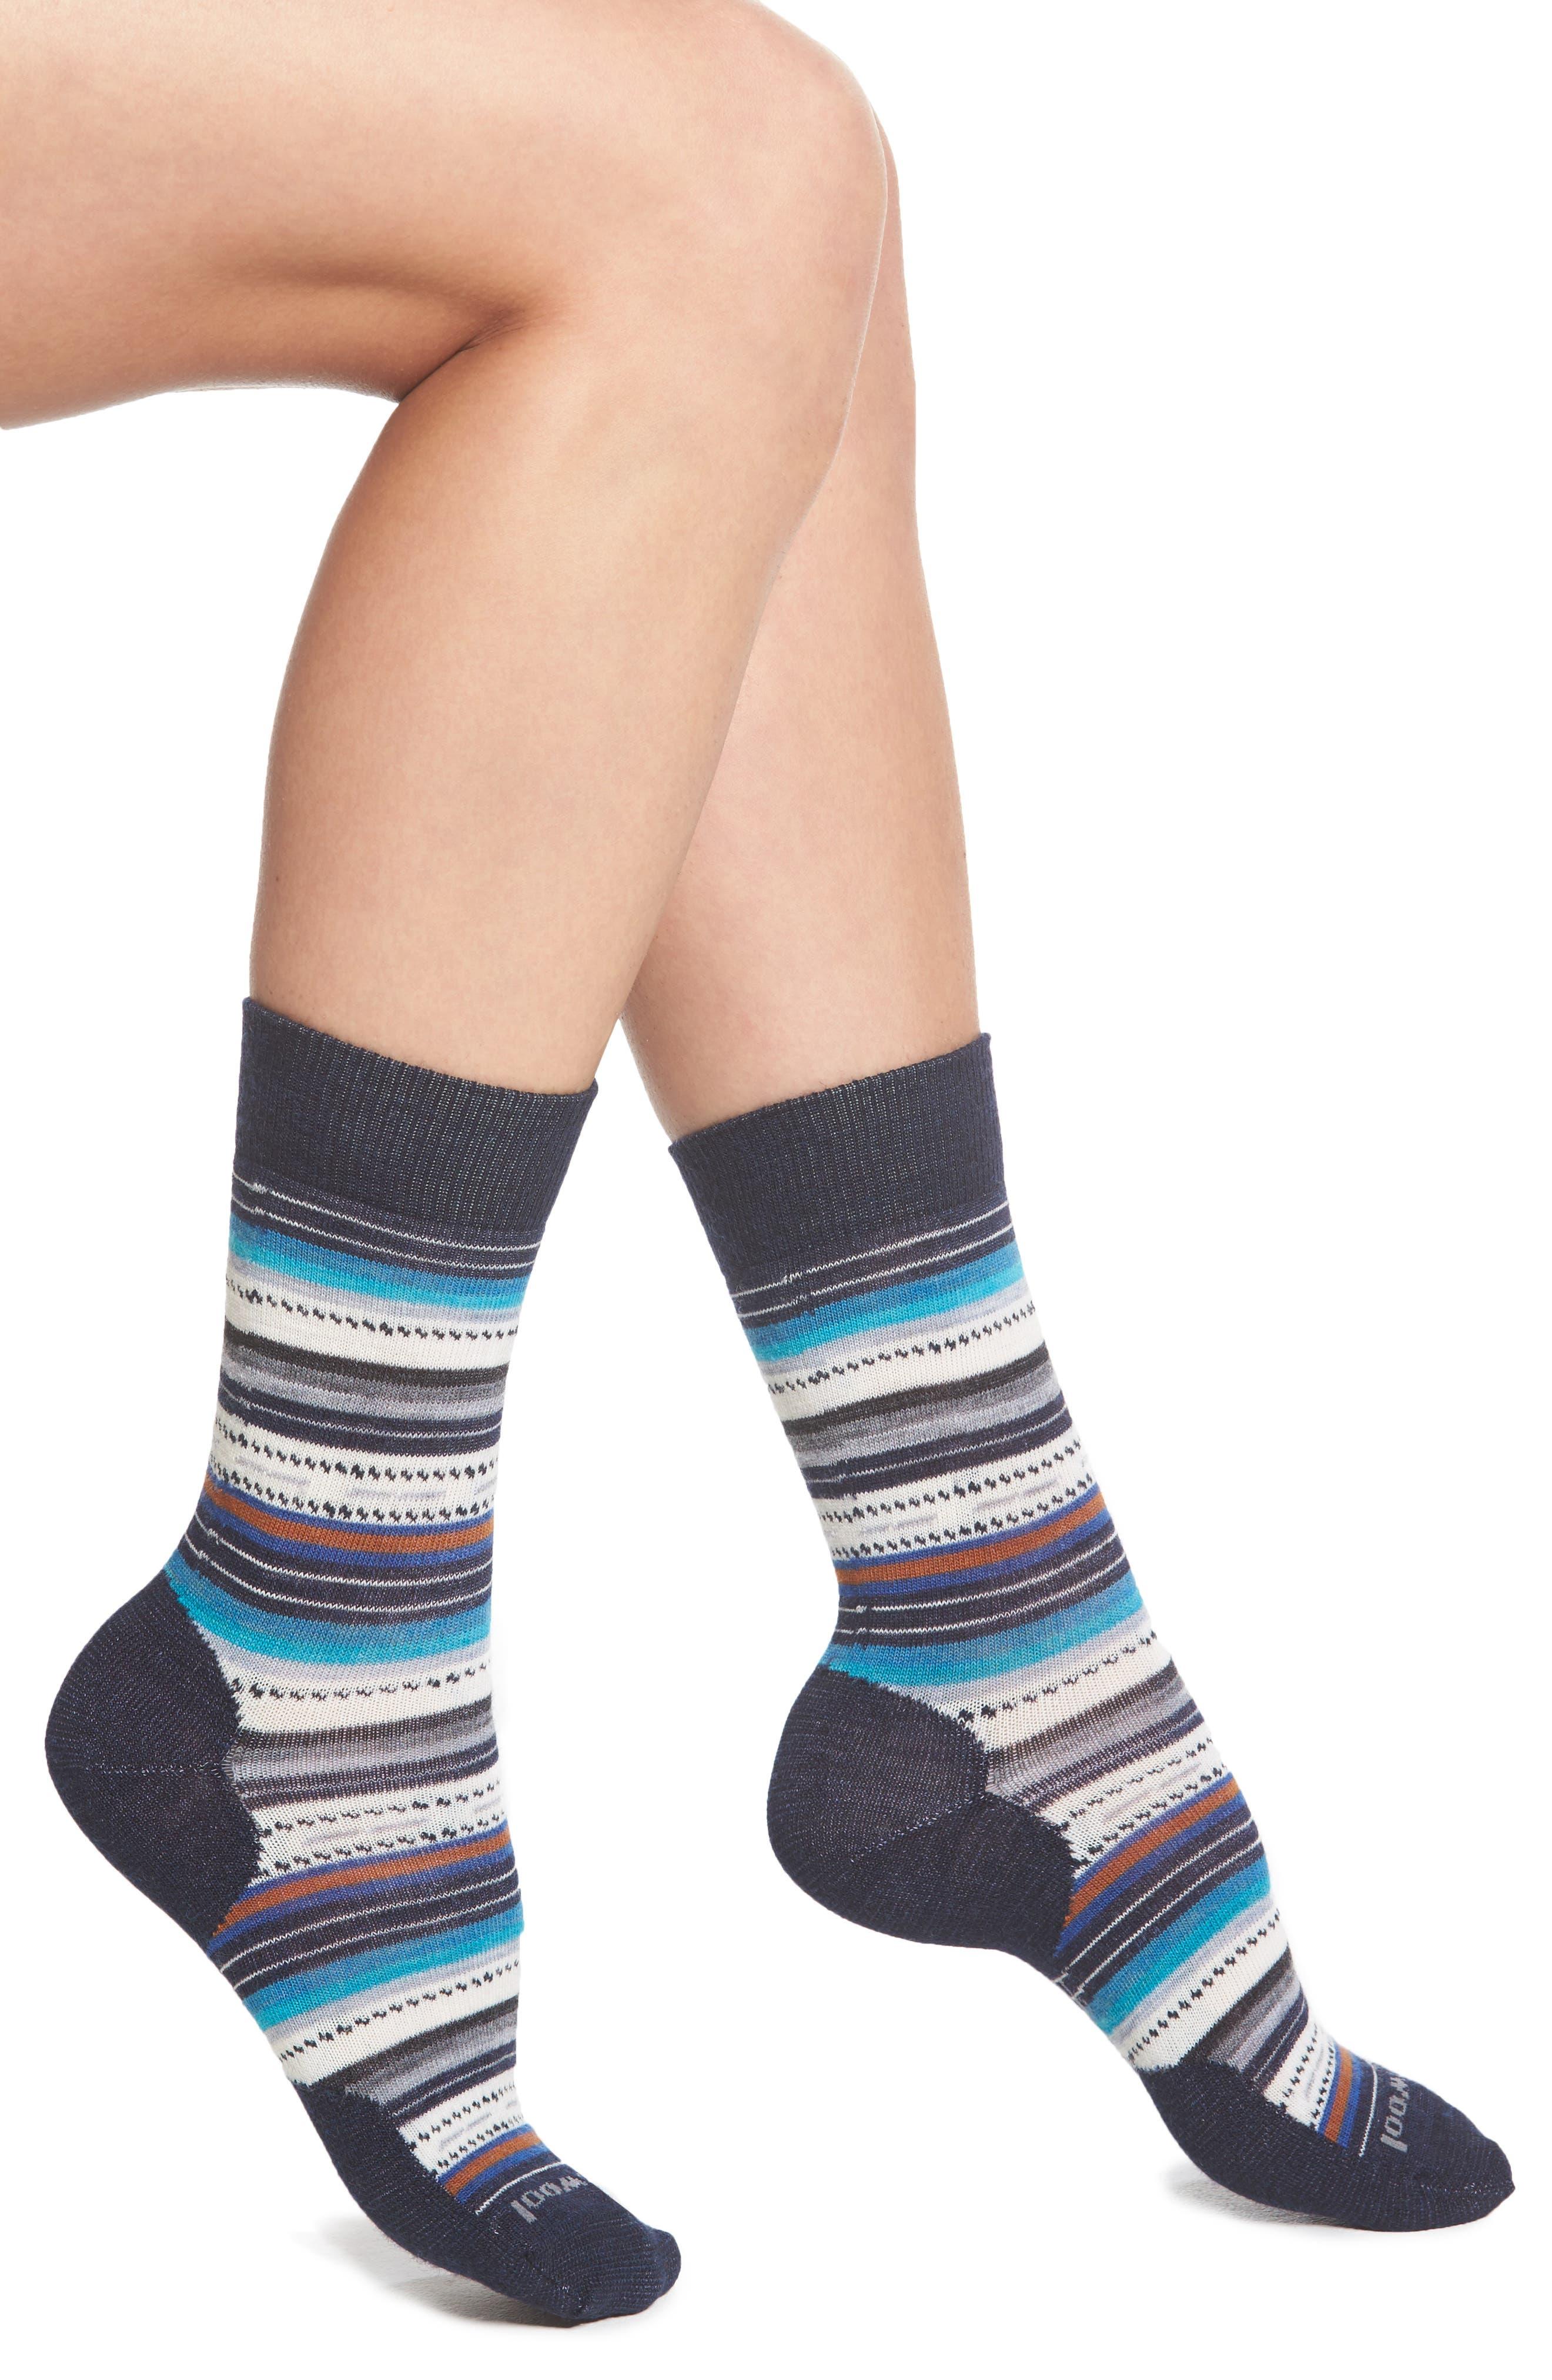 SMARTWOOL, Margarita Crew Socks, Main thumbnail 1, color, 410